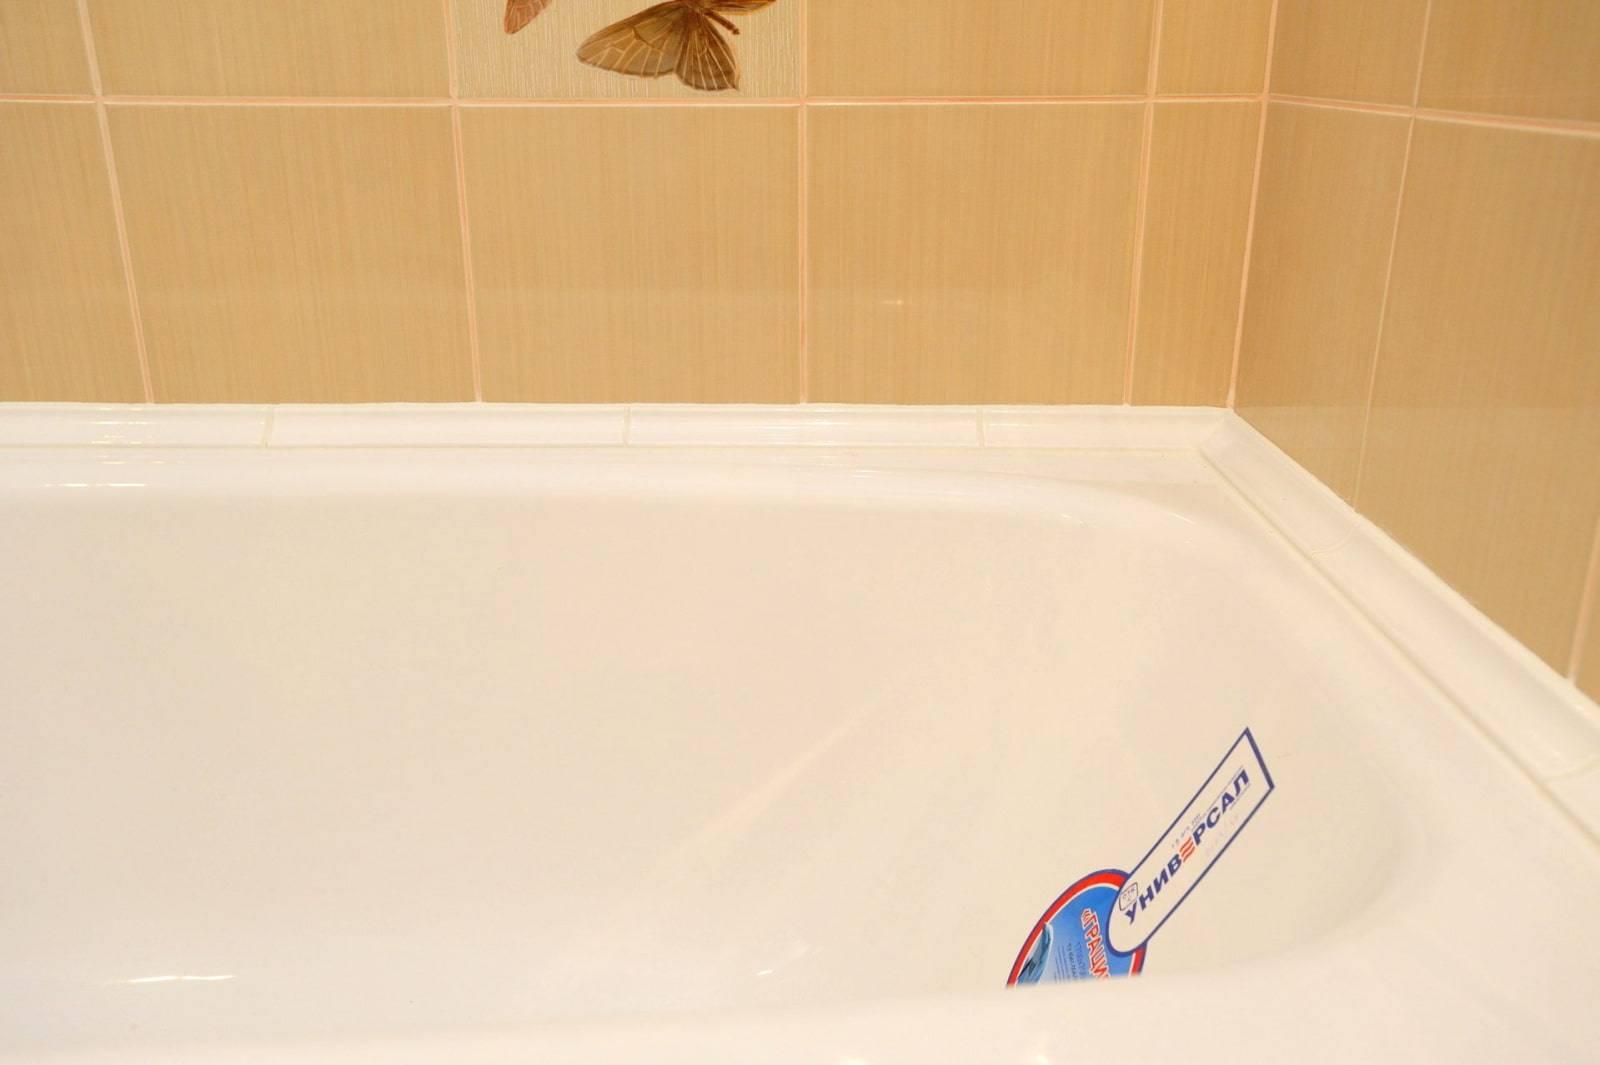 Как заделать щель между стеной и ванной